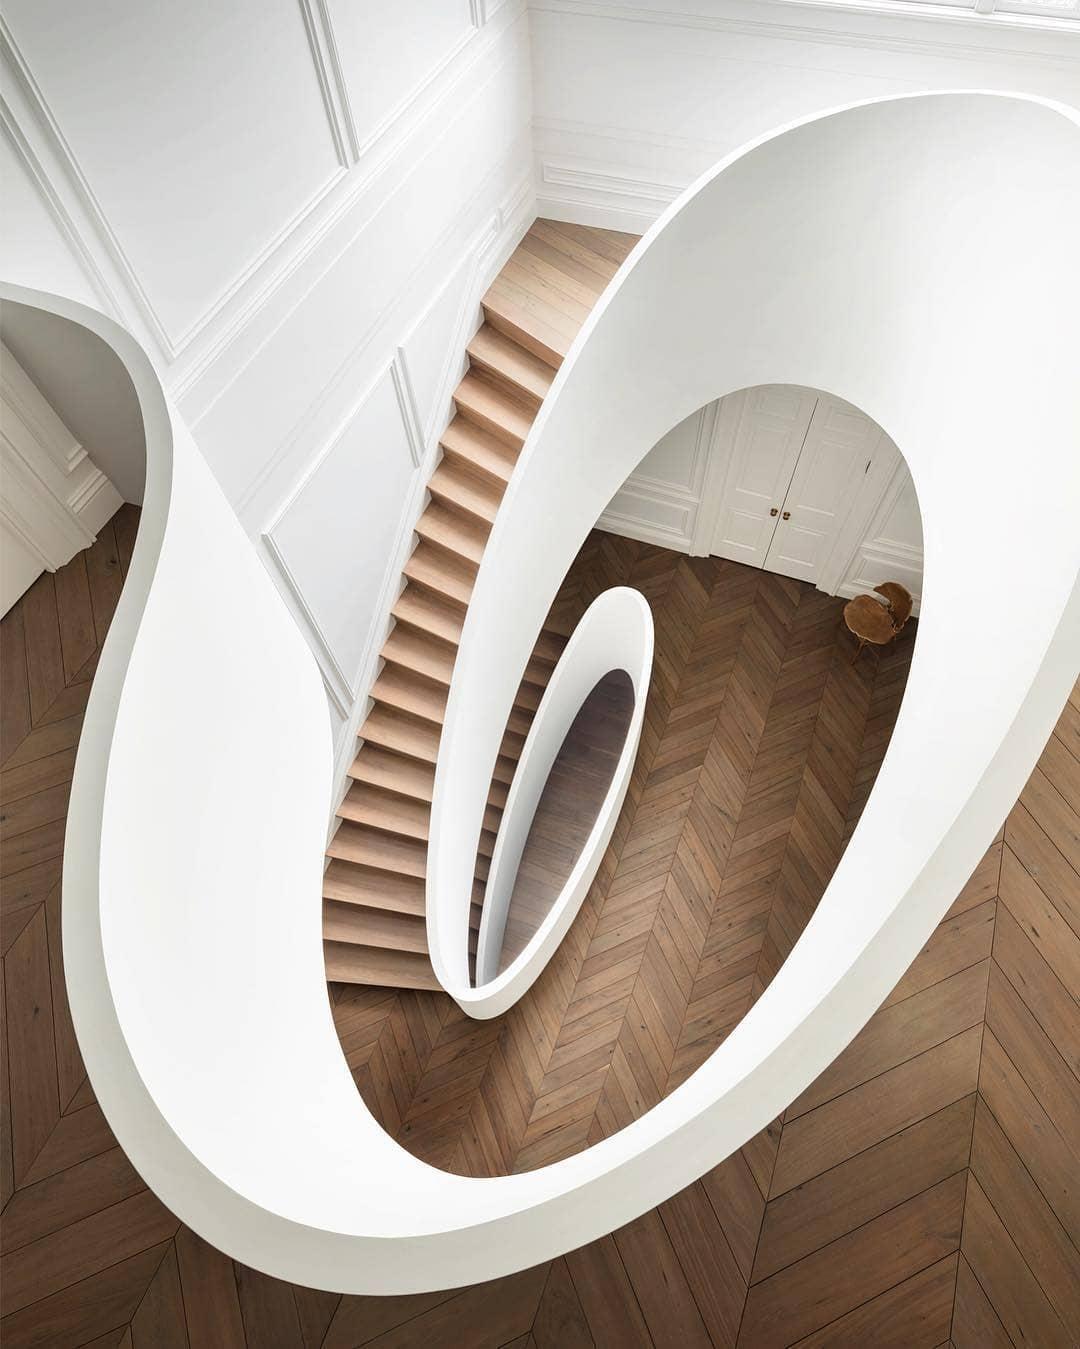 View top Steven Harris Architec - anaispaws | ello